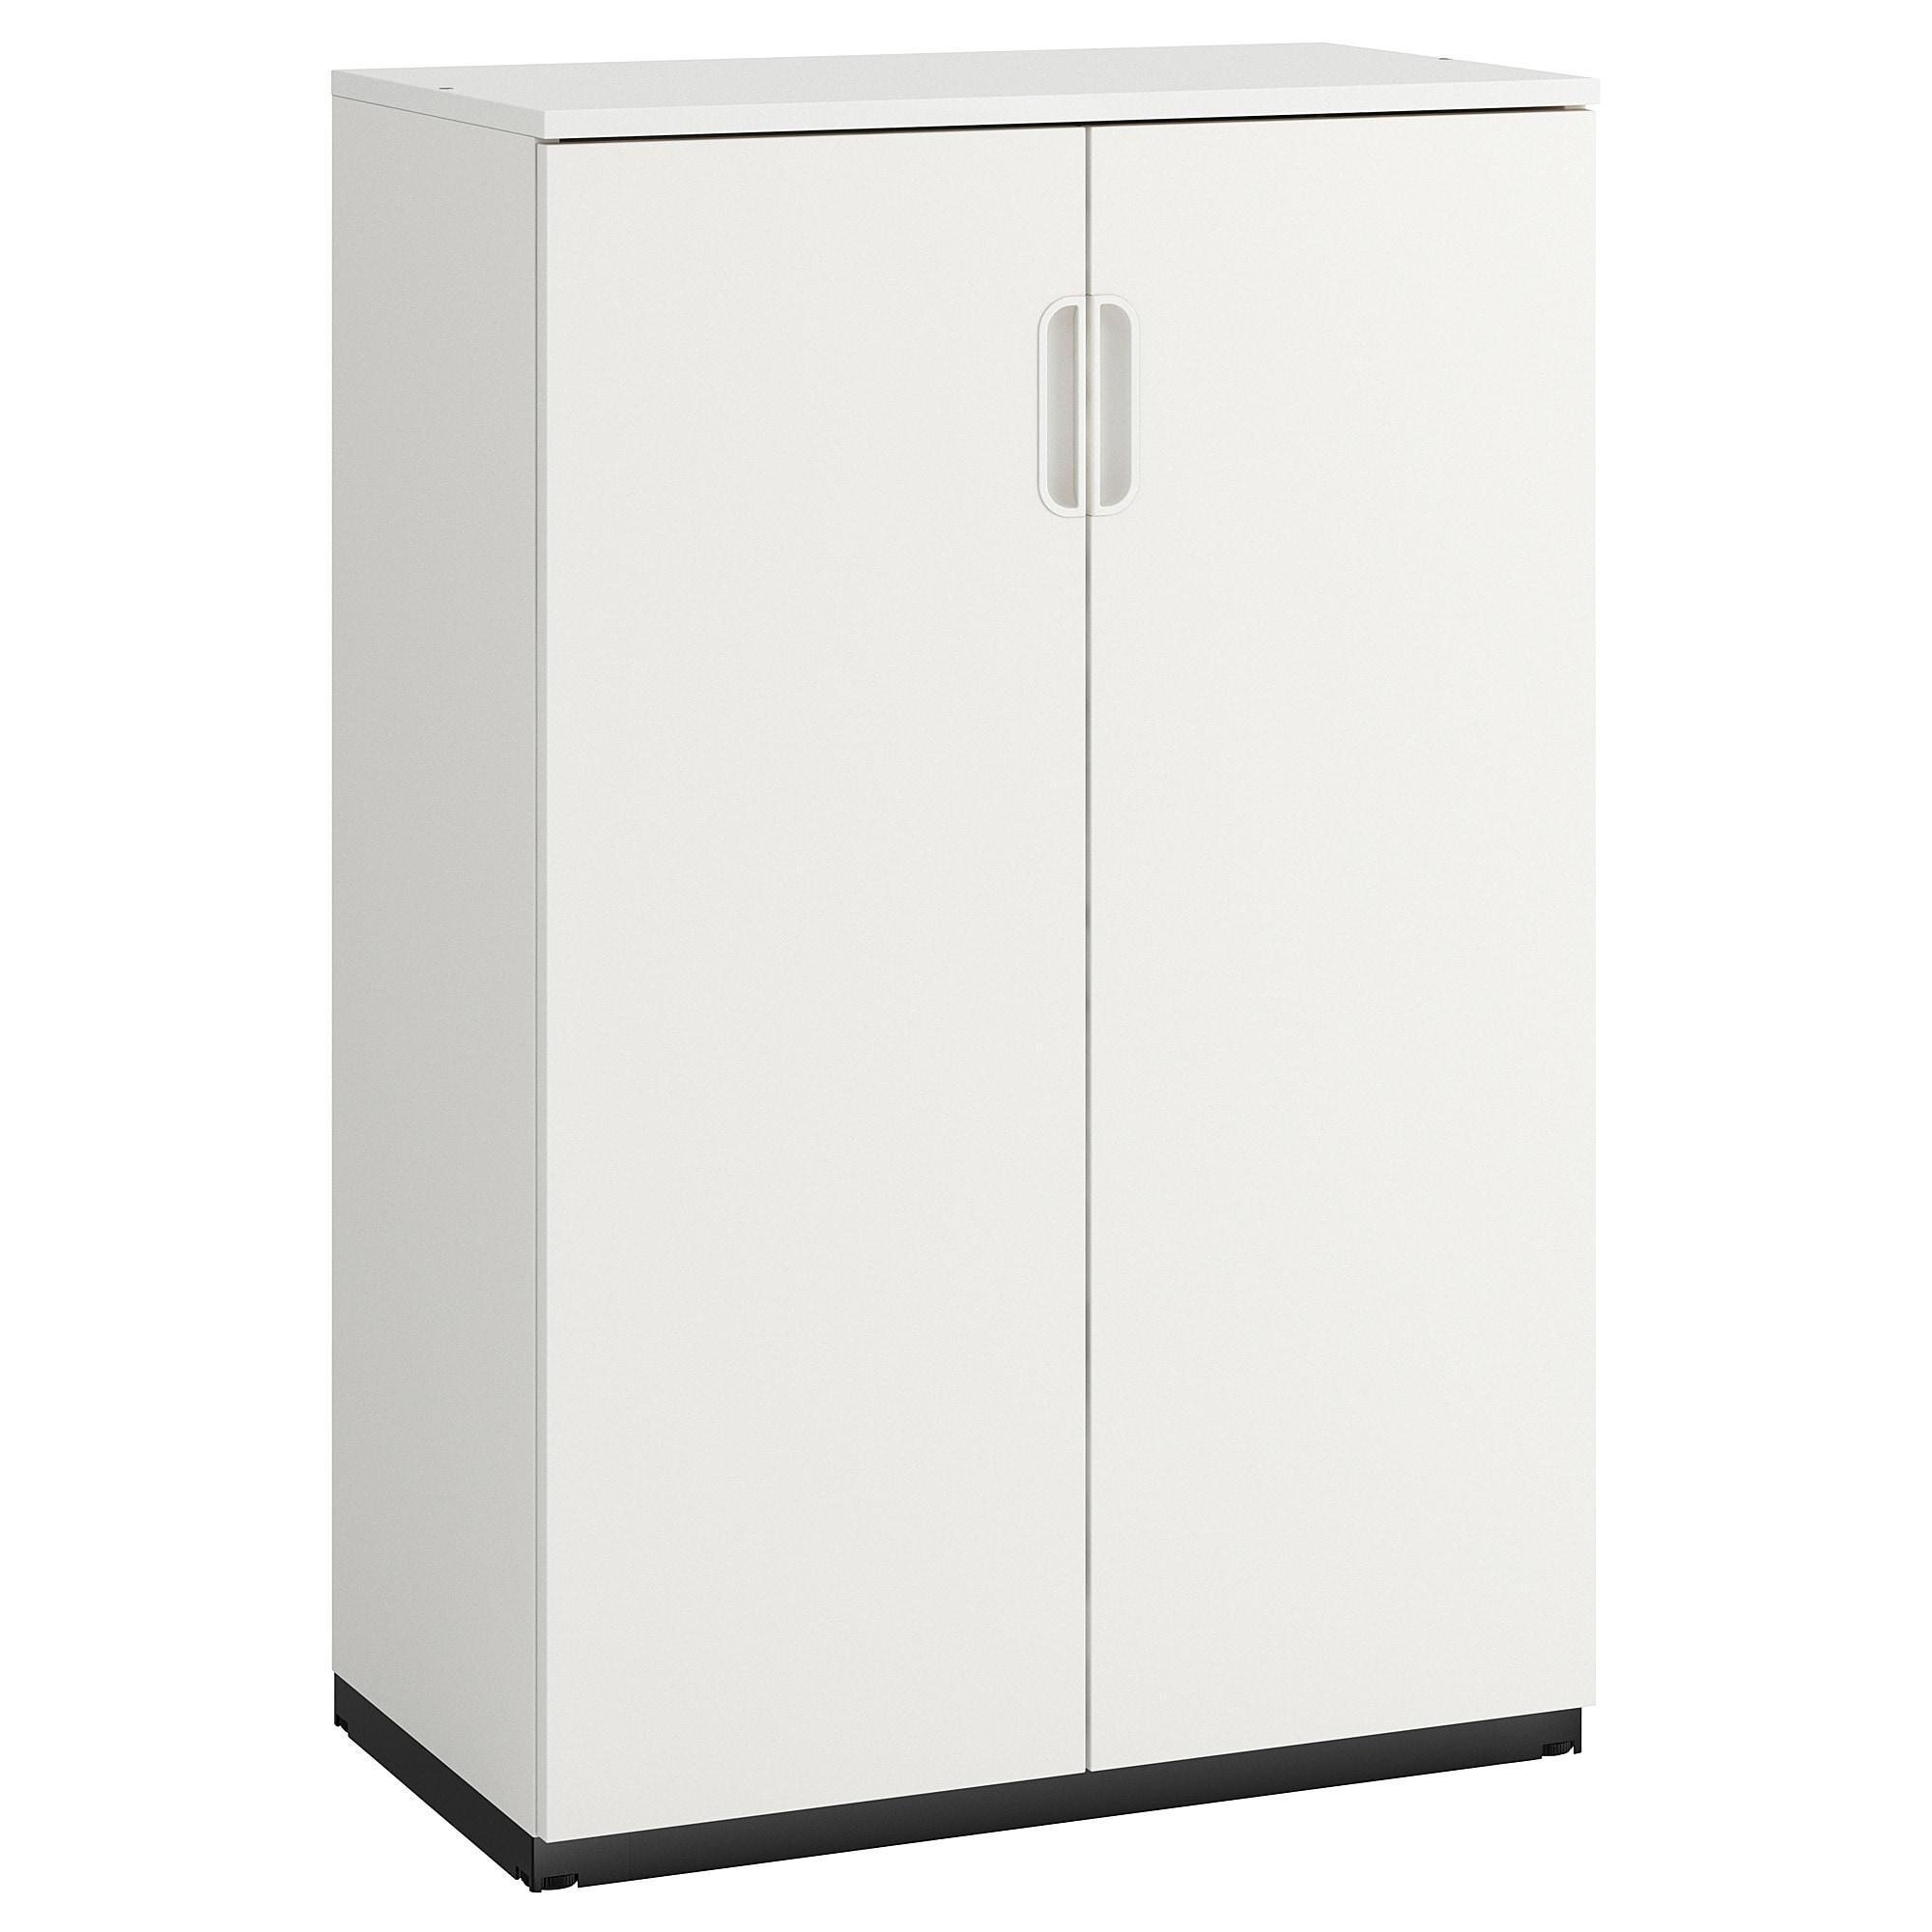 Archivador Metalico Ikea Gdd0 Armarios Archivadores Muebles De Oficina Y Despacho Pra